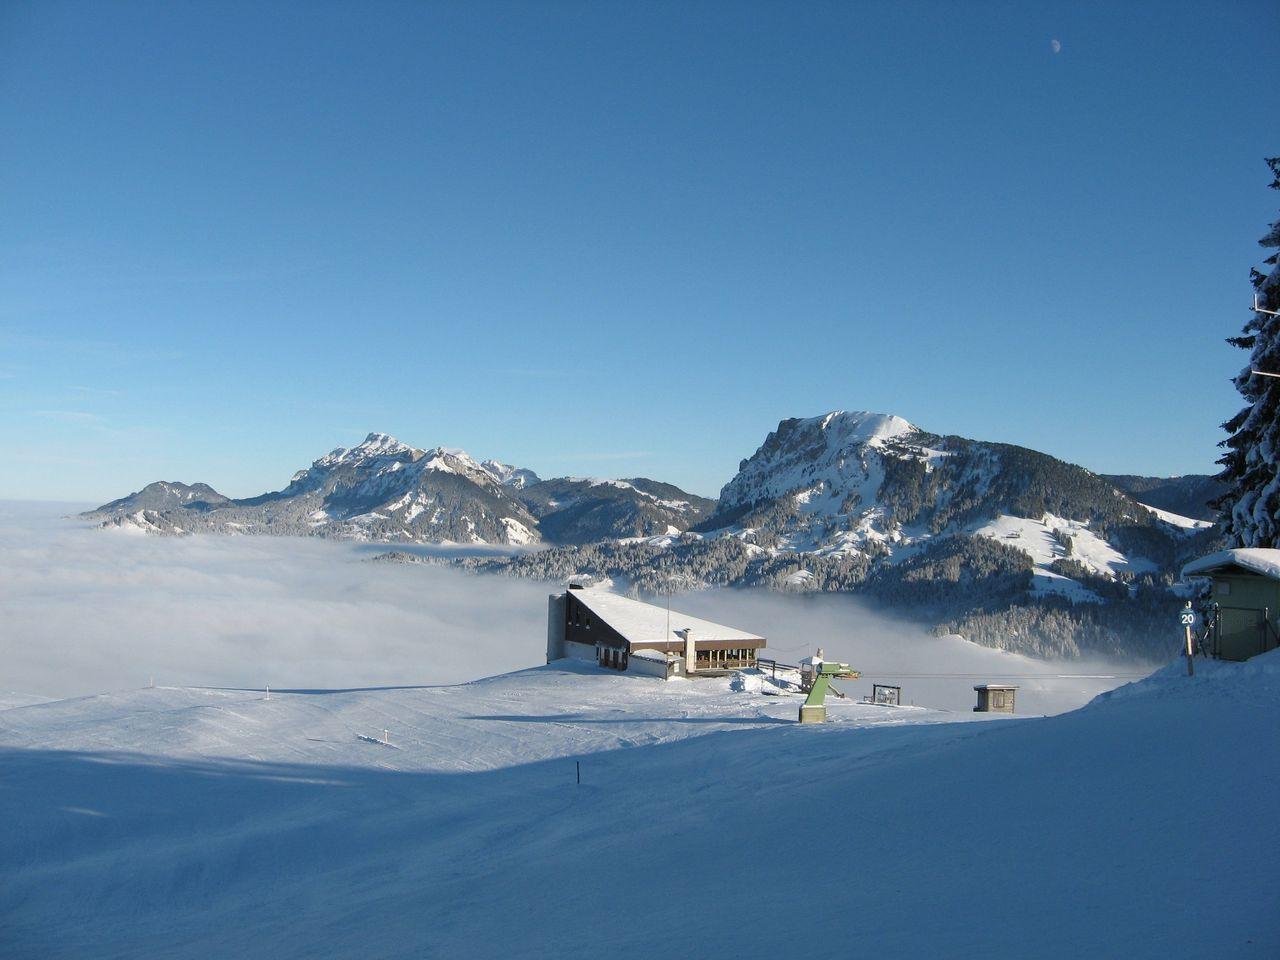 Schneeschuhtrail Heiligkreuz - Reistegg - First